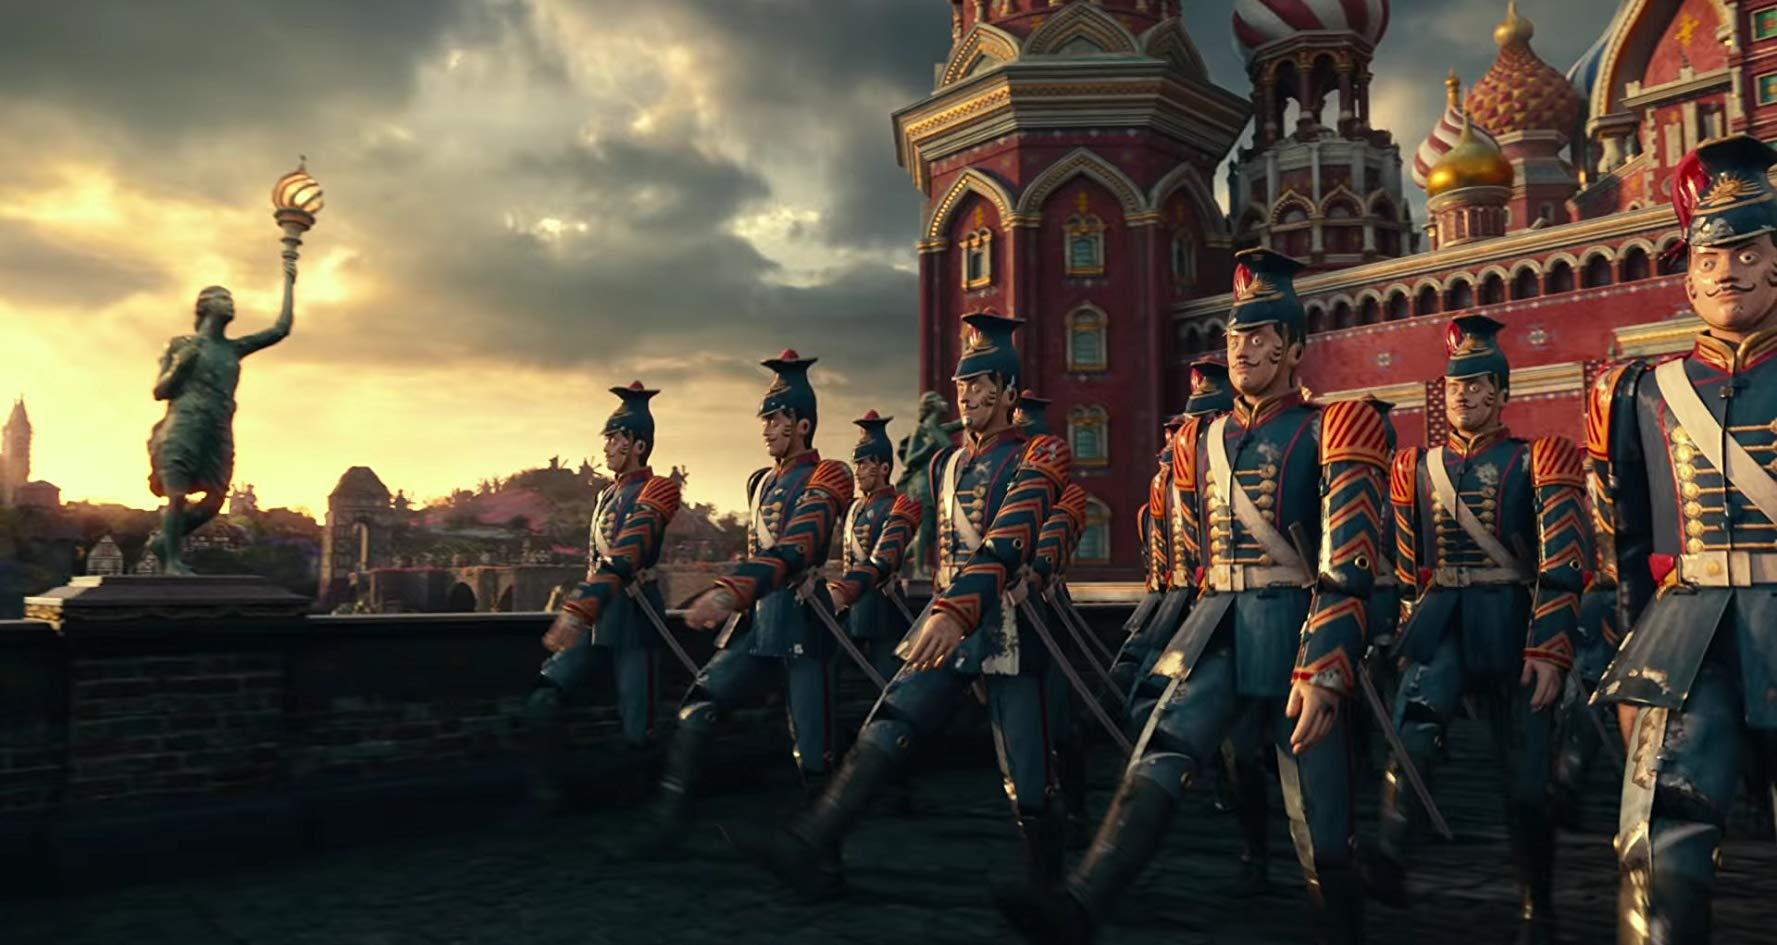 Castillo y soldados.jpg